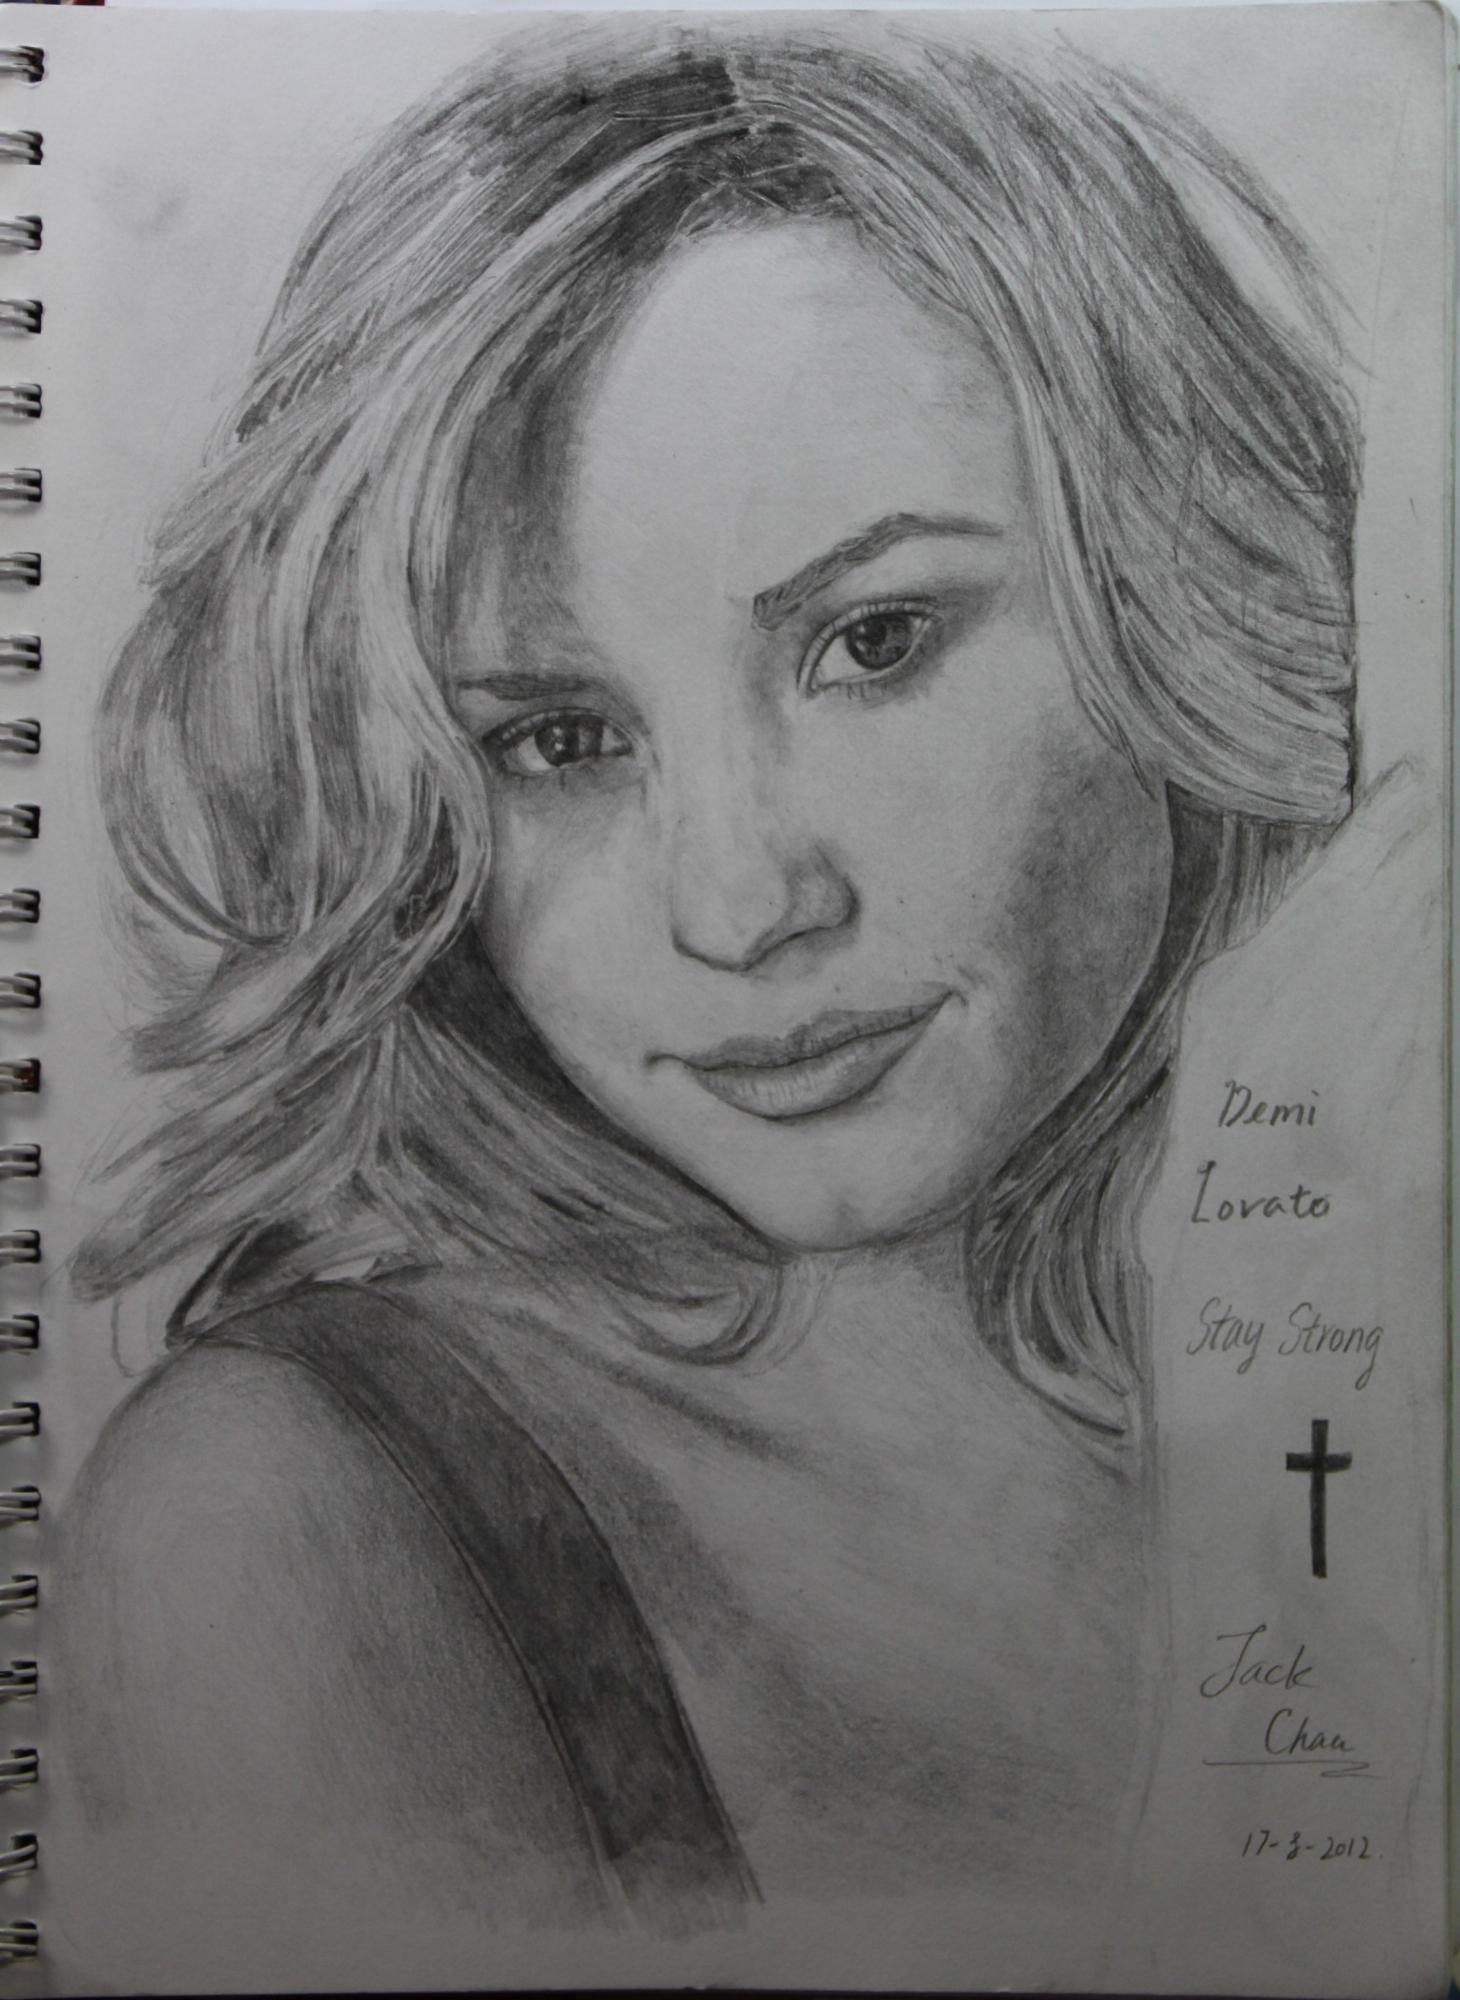 A Drawing Of Demi Lovato Fan Art